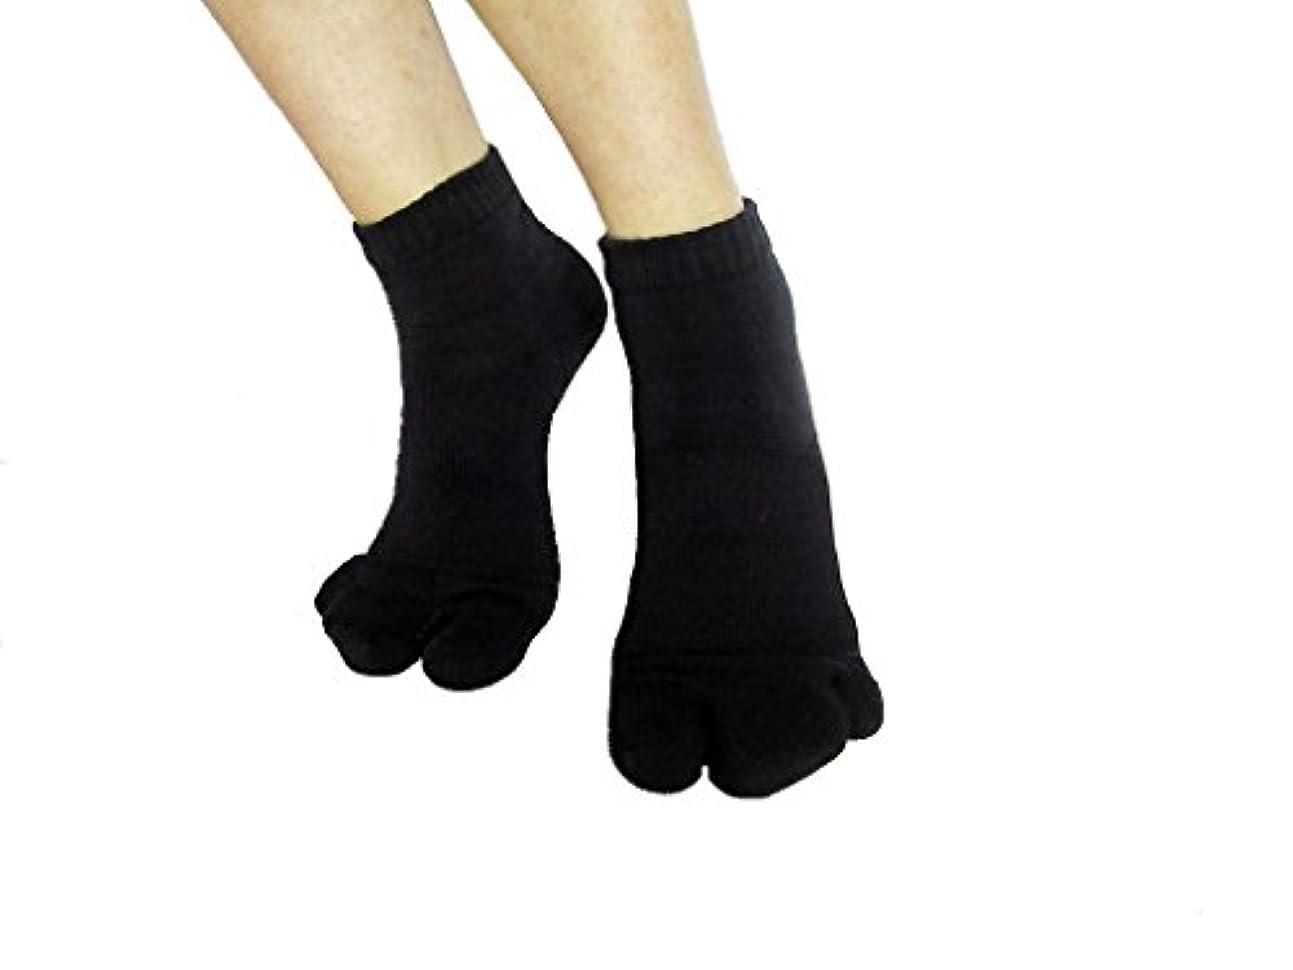 属性サドル徒歩でカサハラ式サポーター ホソックス3本指 テーピング靴下 ブラック M23.5-23.5cm